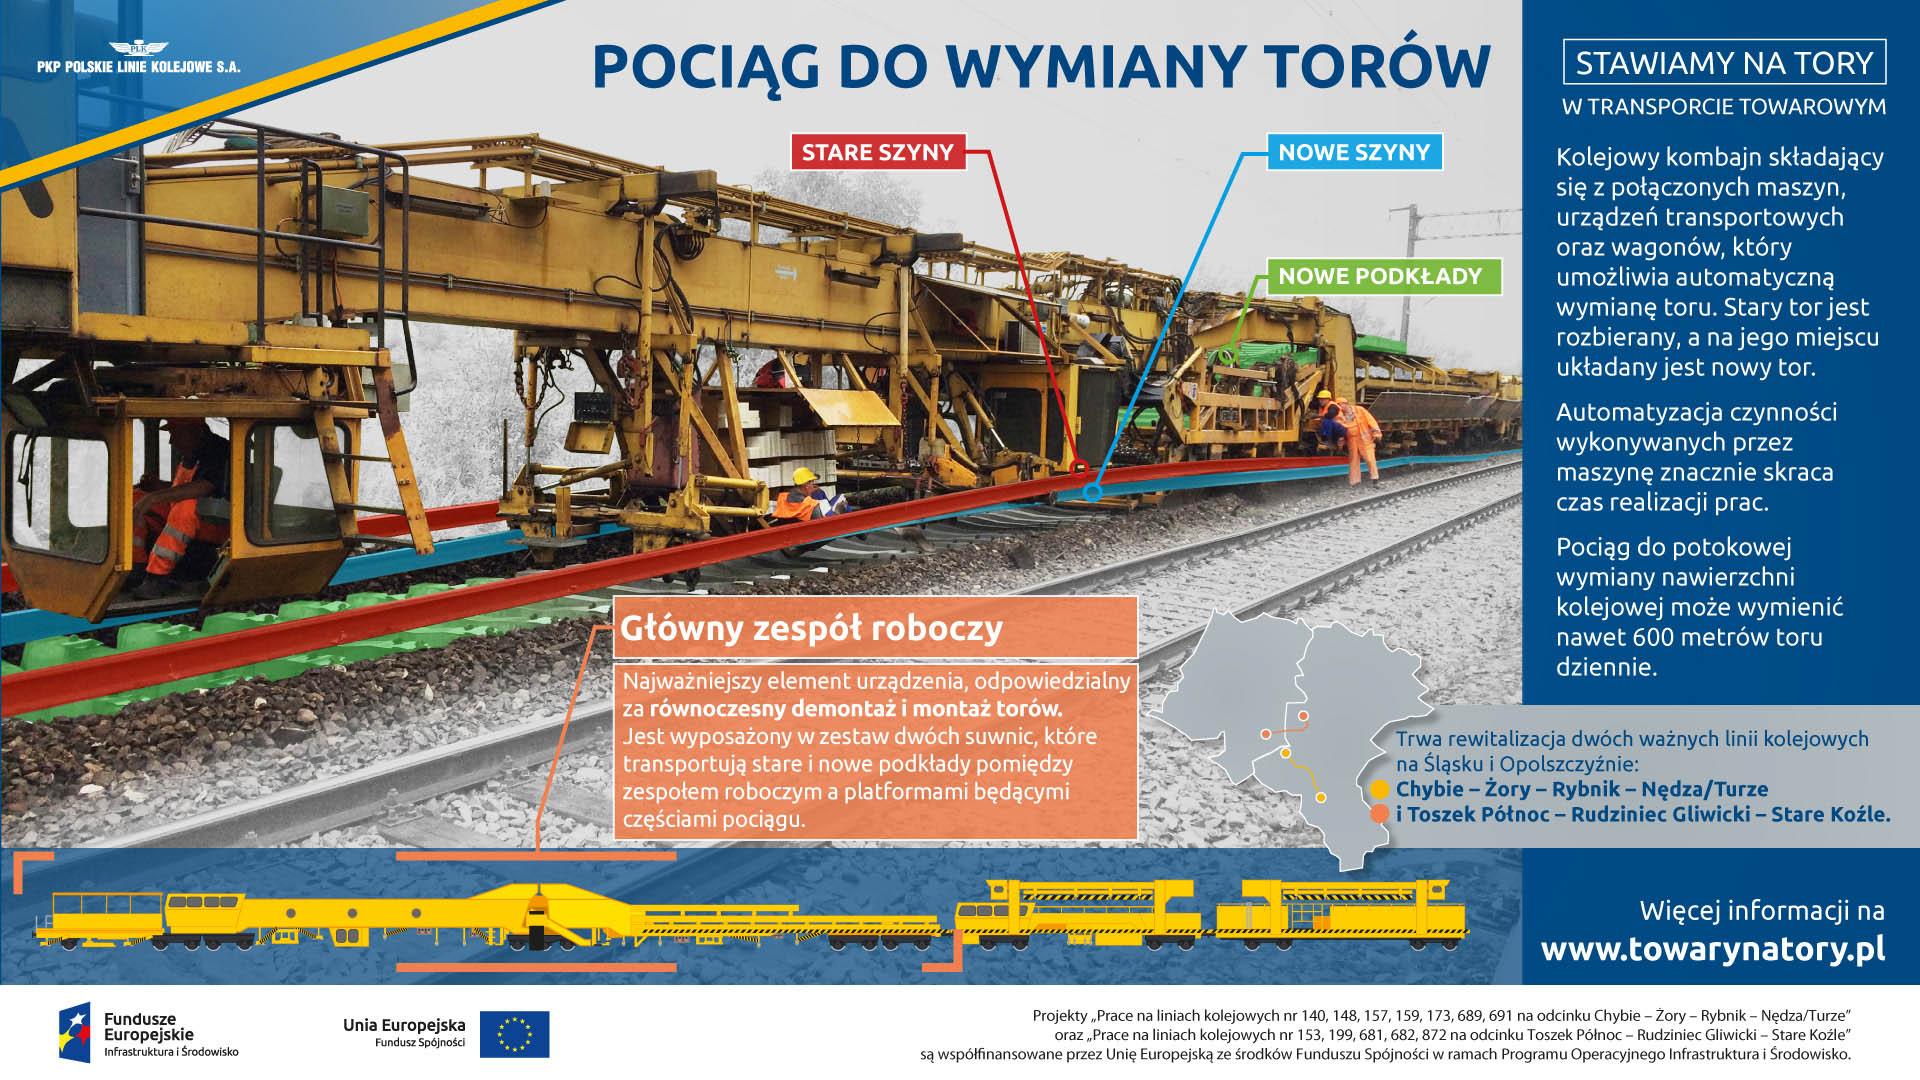 Infografika mówi o pociągu do wymiany torów. Na obrazku widać ja maszyna odsuwa na boki stare szyny a w ich miejsce wkłada nowe. Analogicznie działa z podkładami.